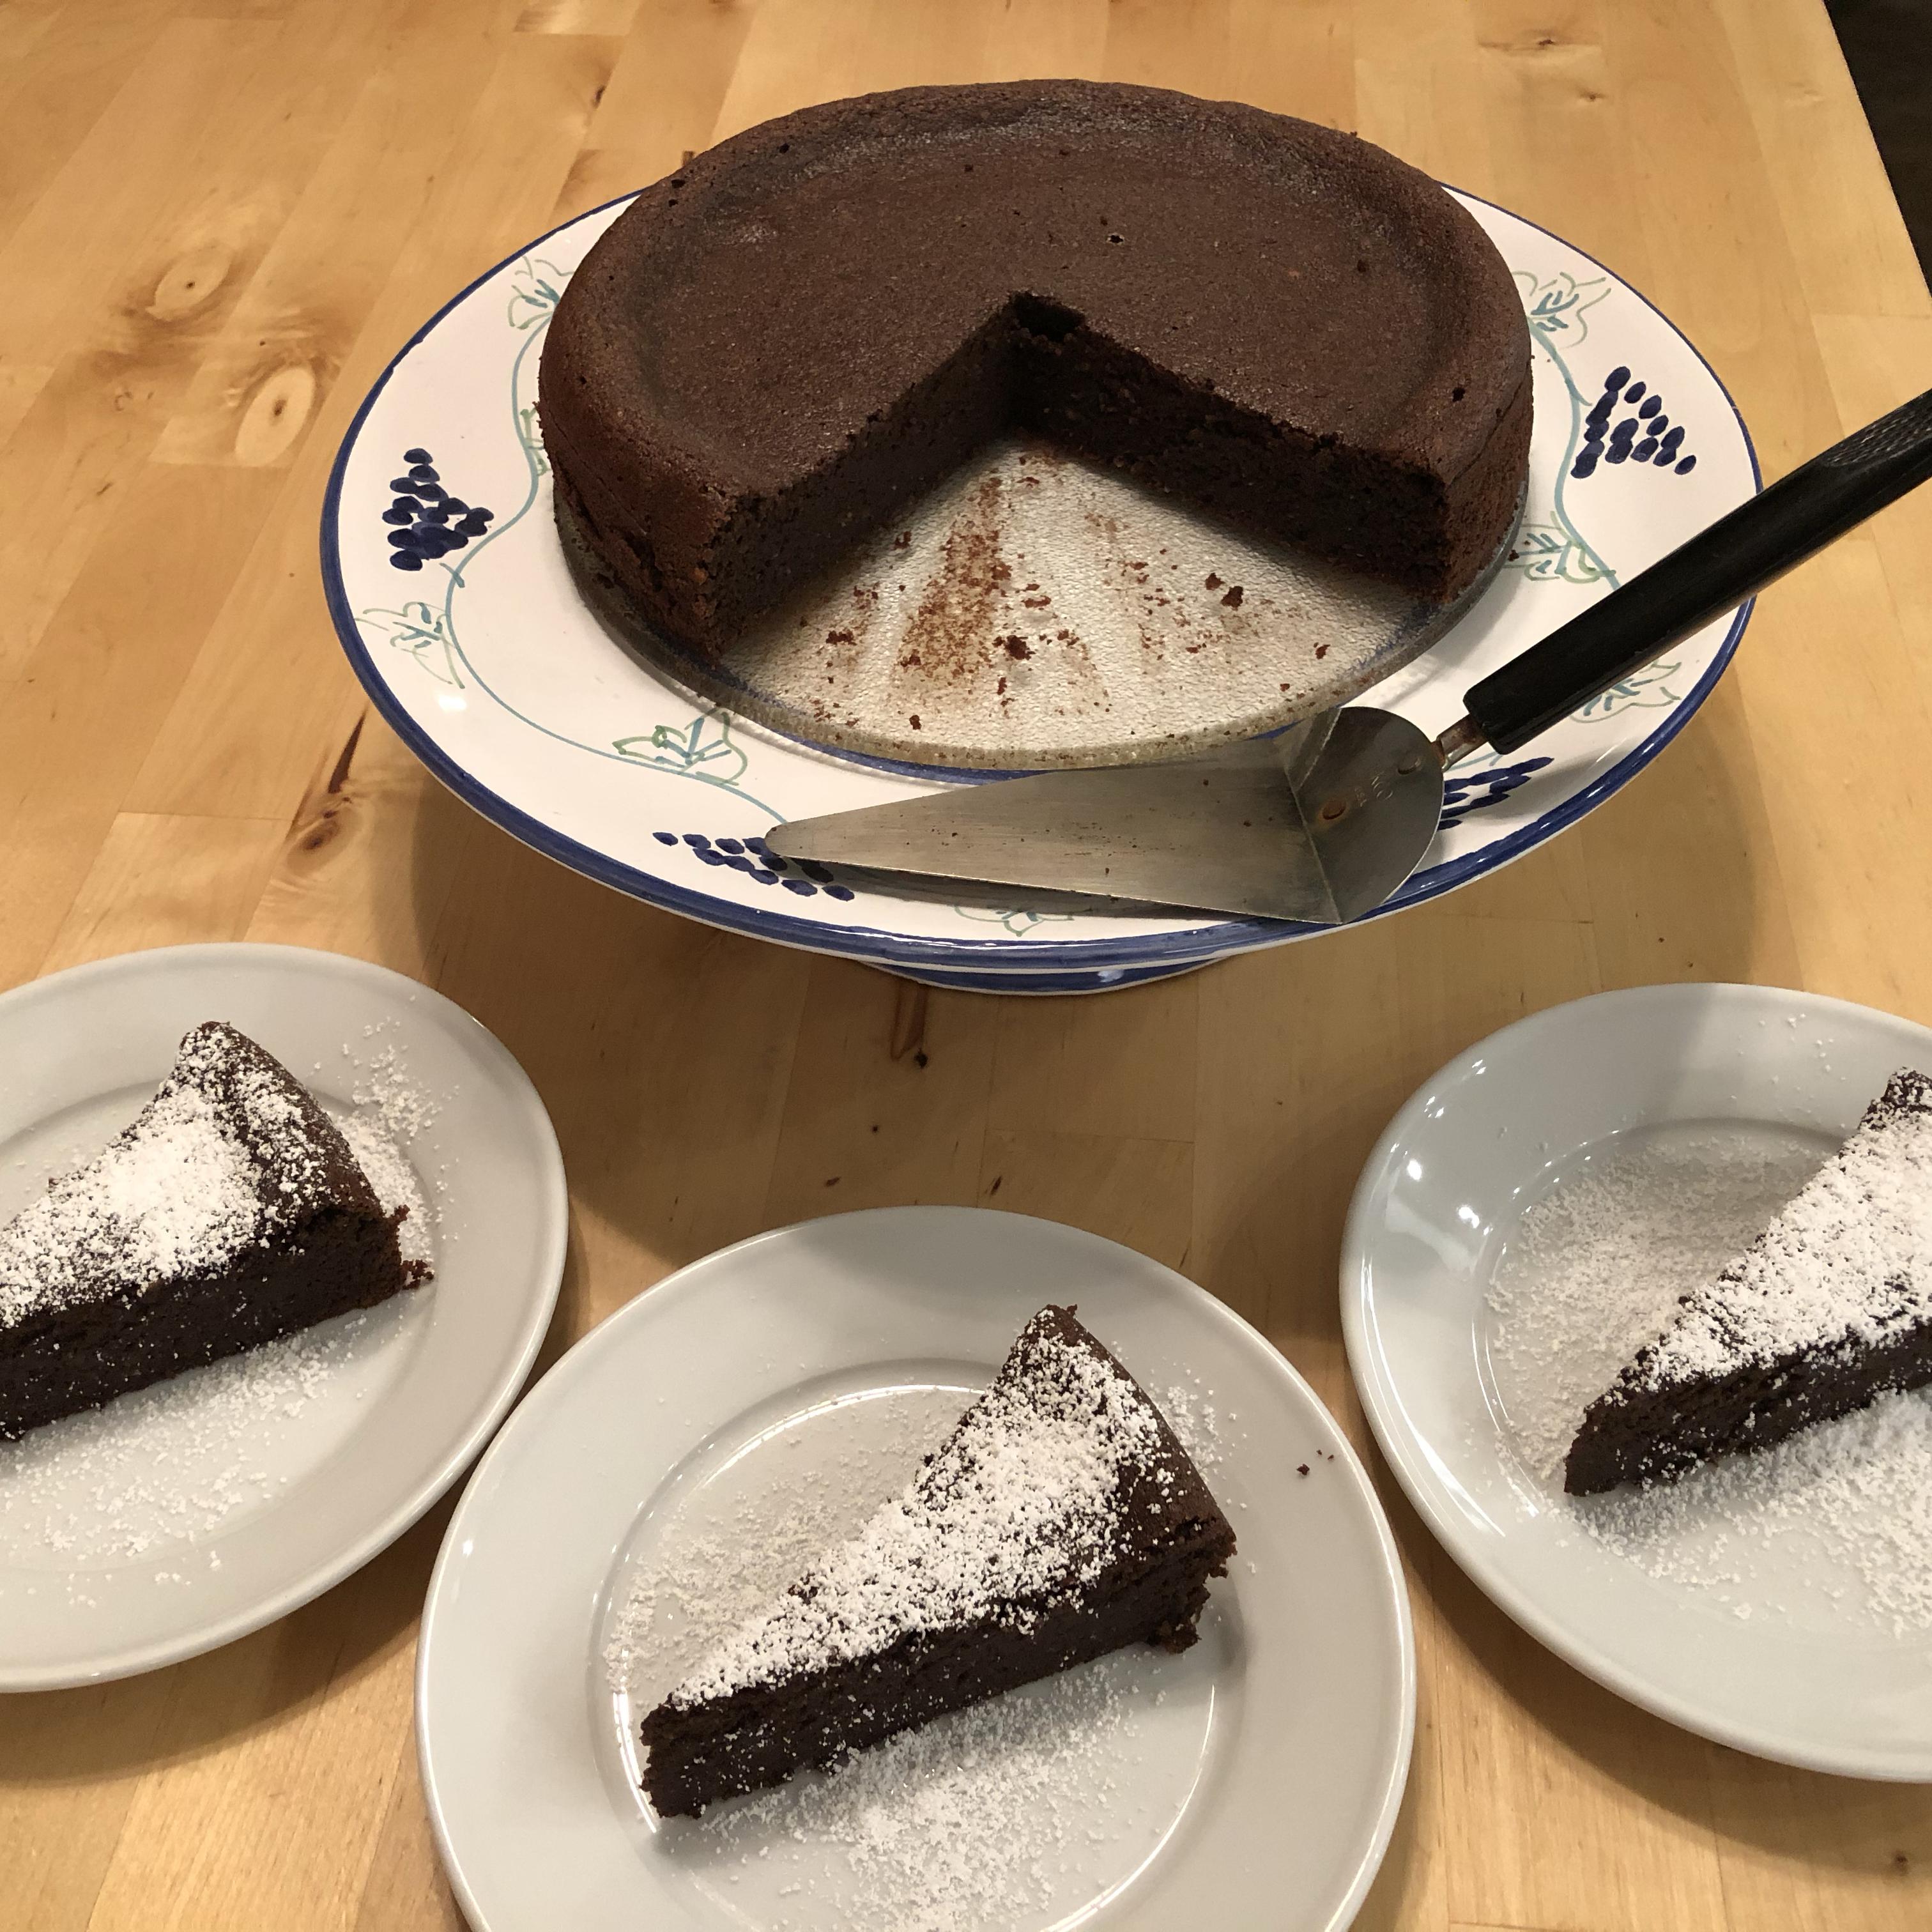 Garbanzo Bean Chocolate Cake (Gluten Free!)